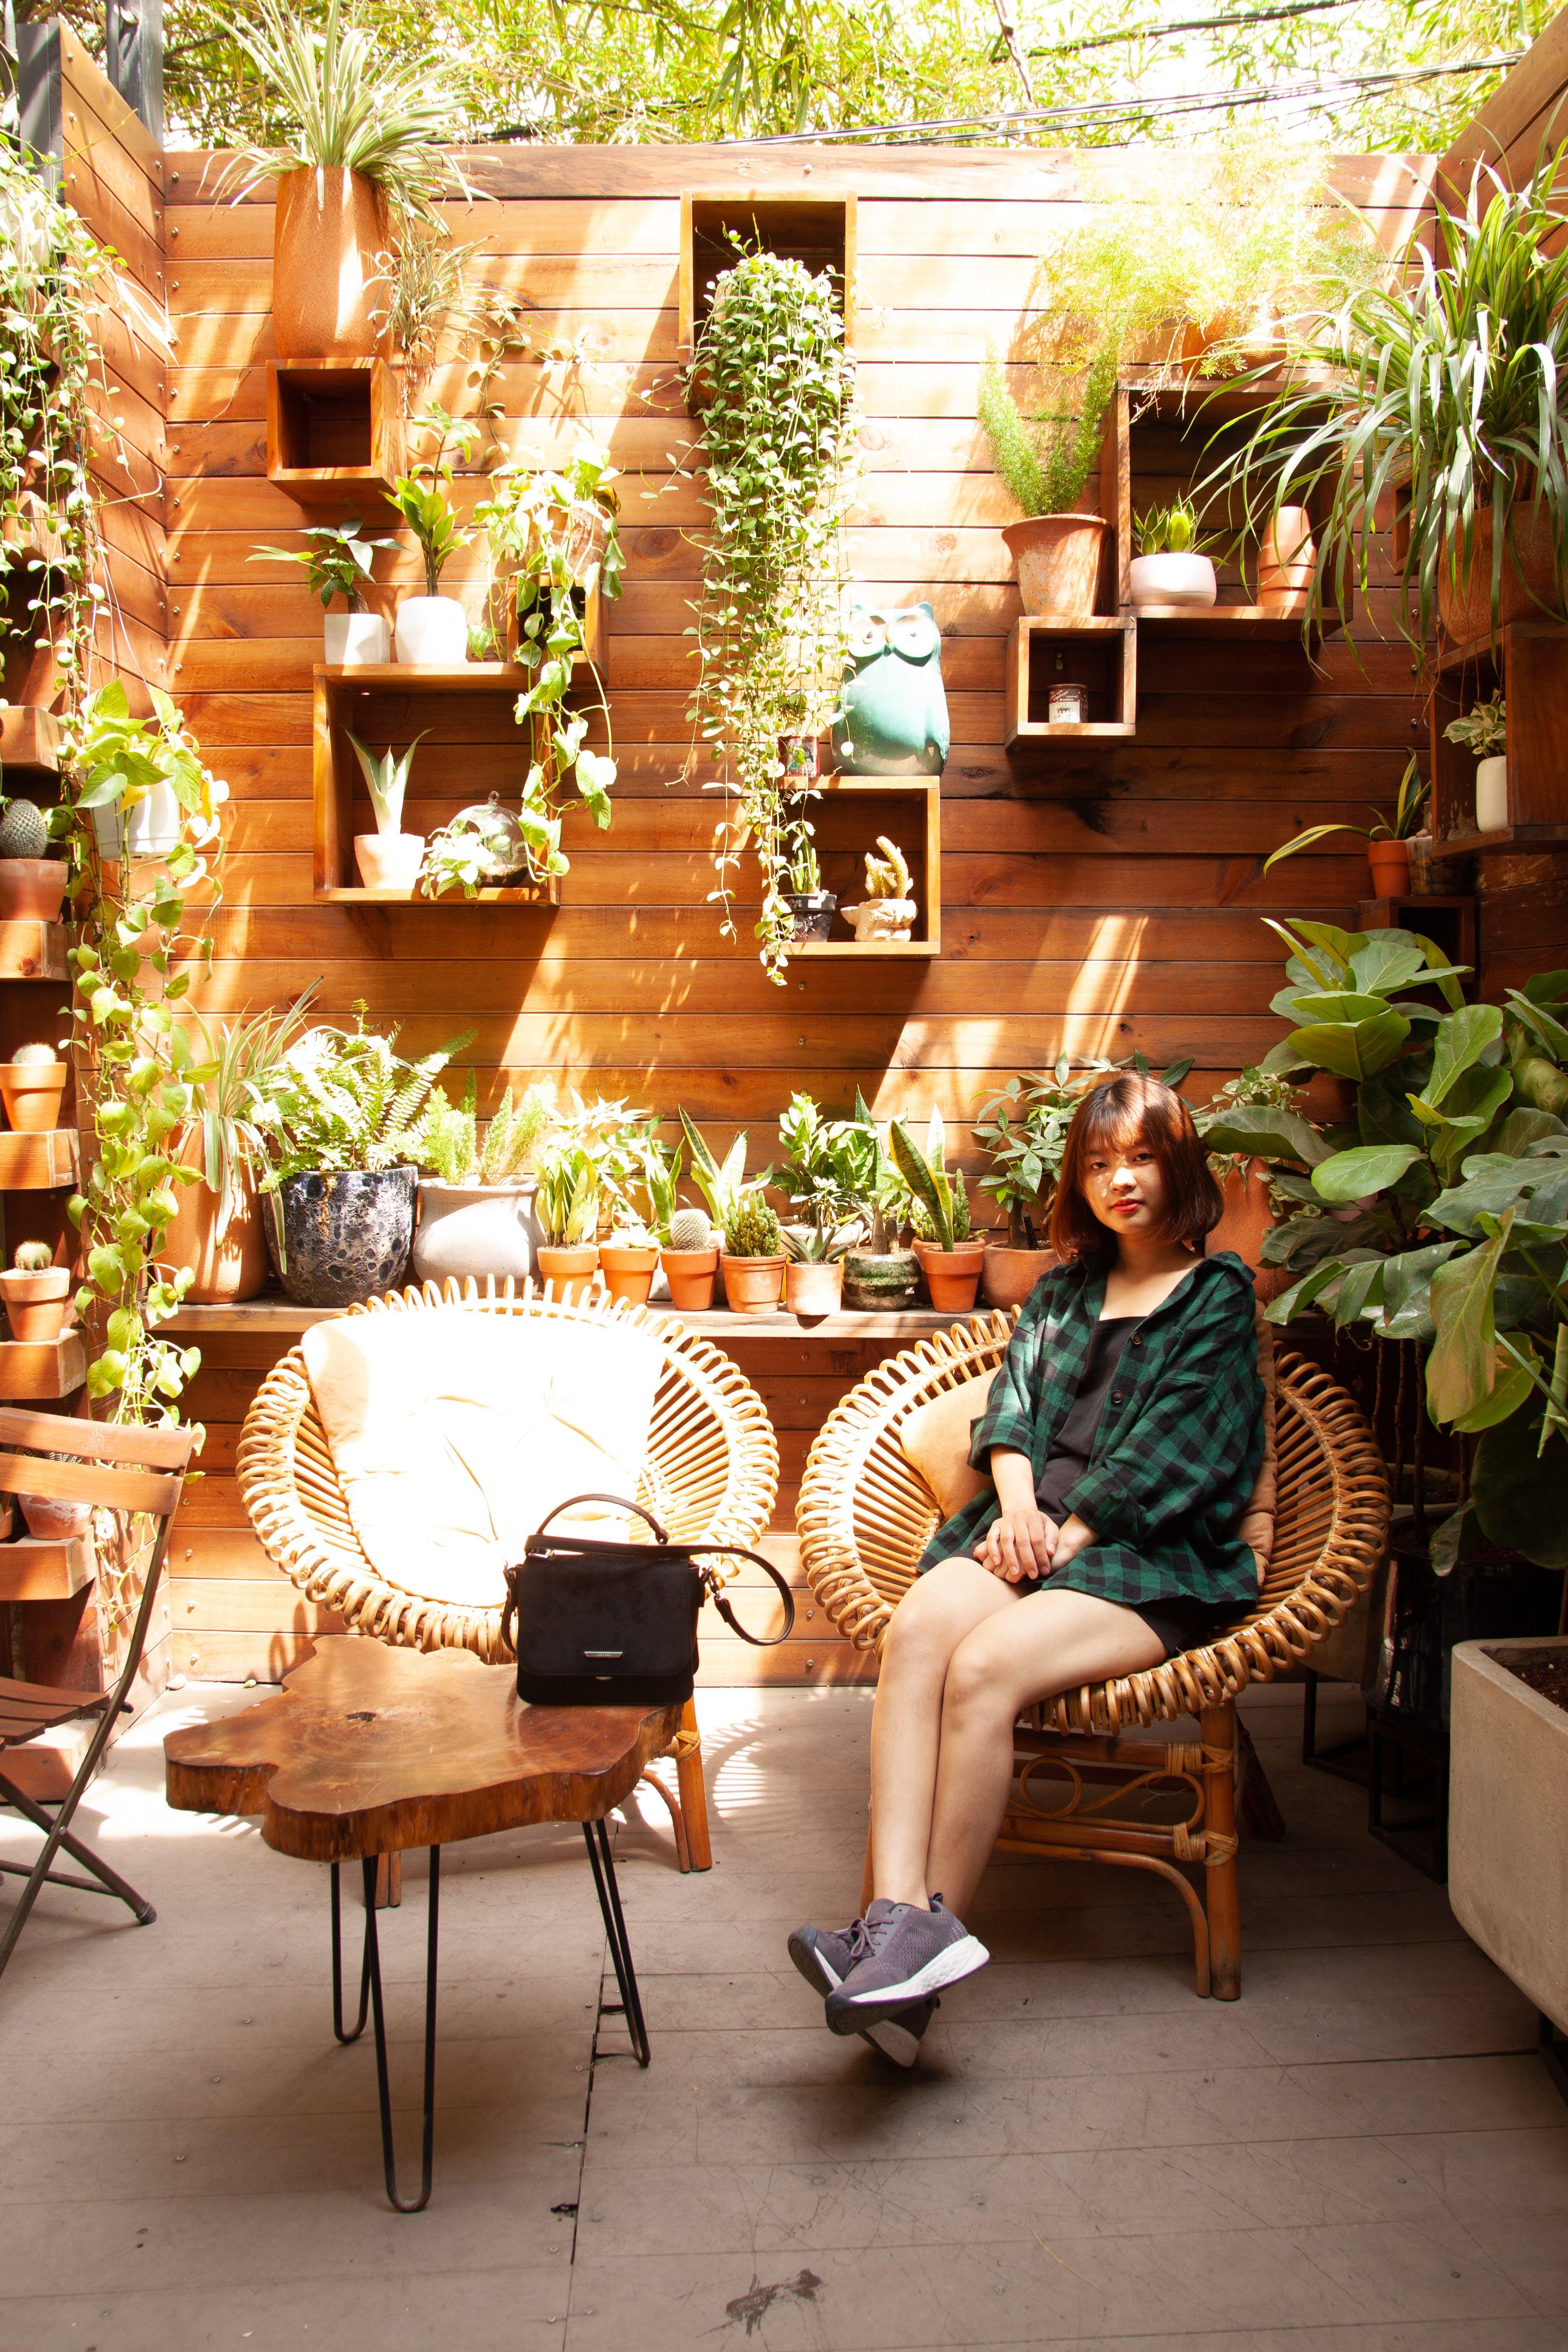 Gratis stockfoto met architectuur, Aziatisch meisje, Aziatische vrouw, binnen